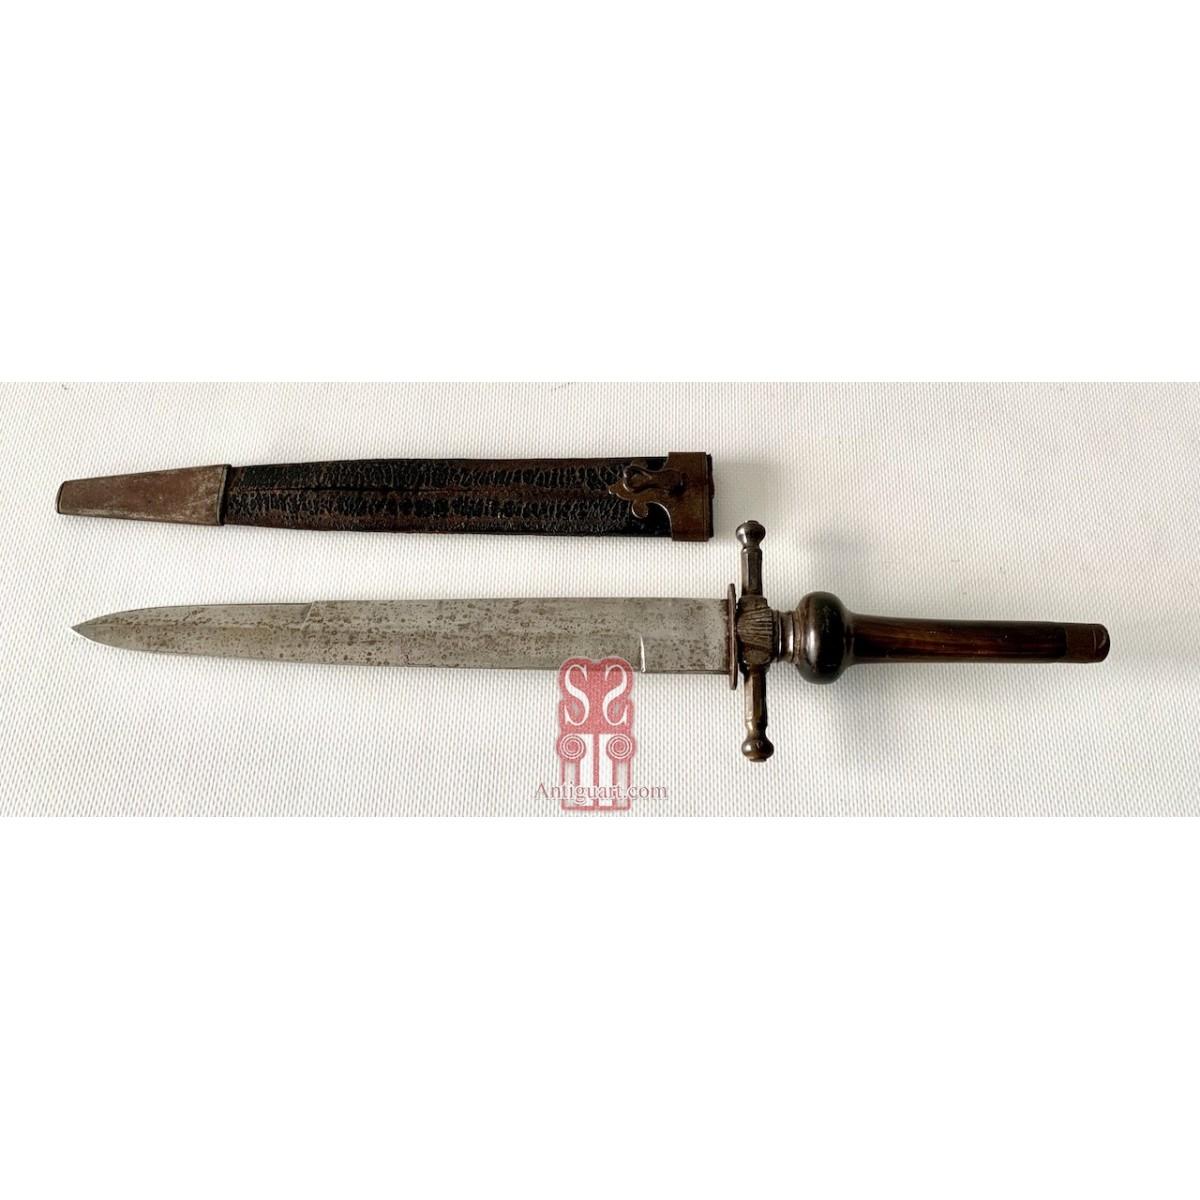 Bayoneta de taco del siglo XIX